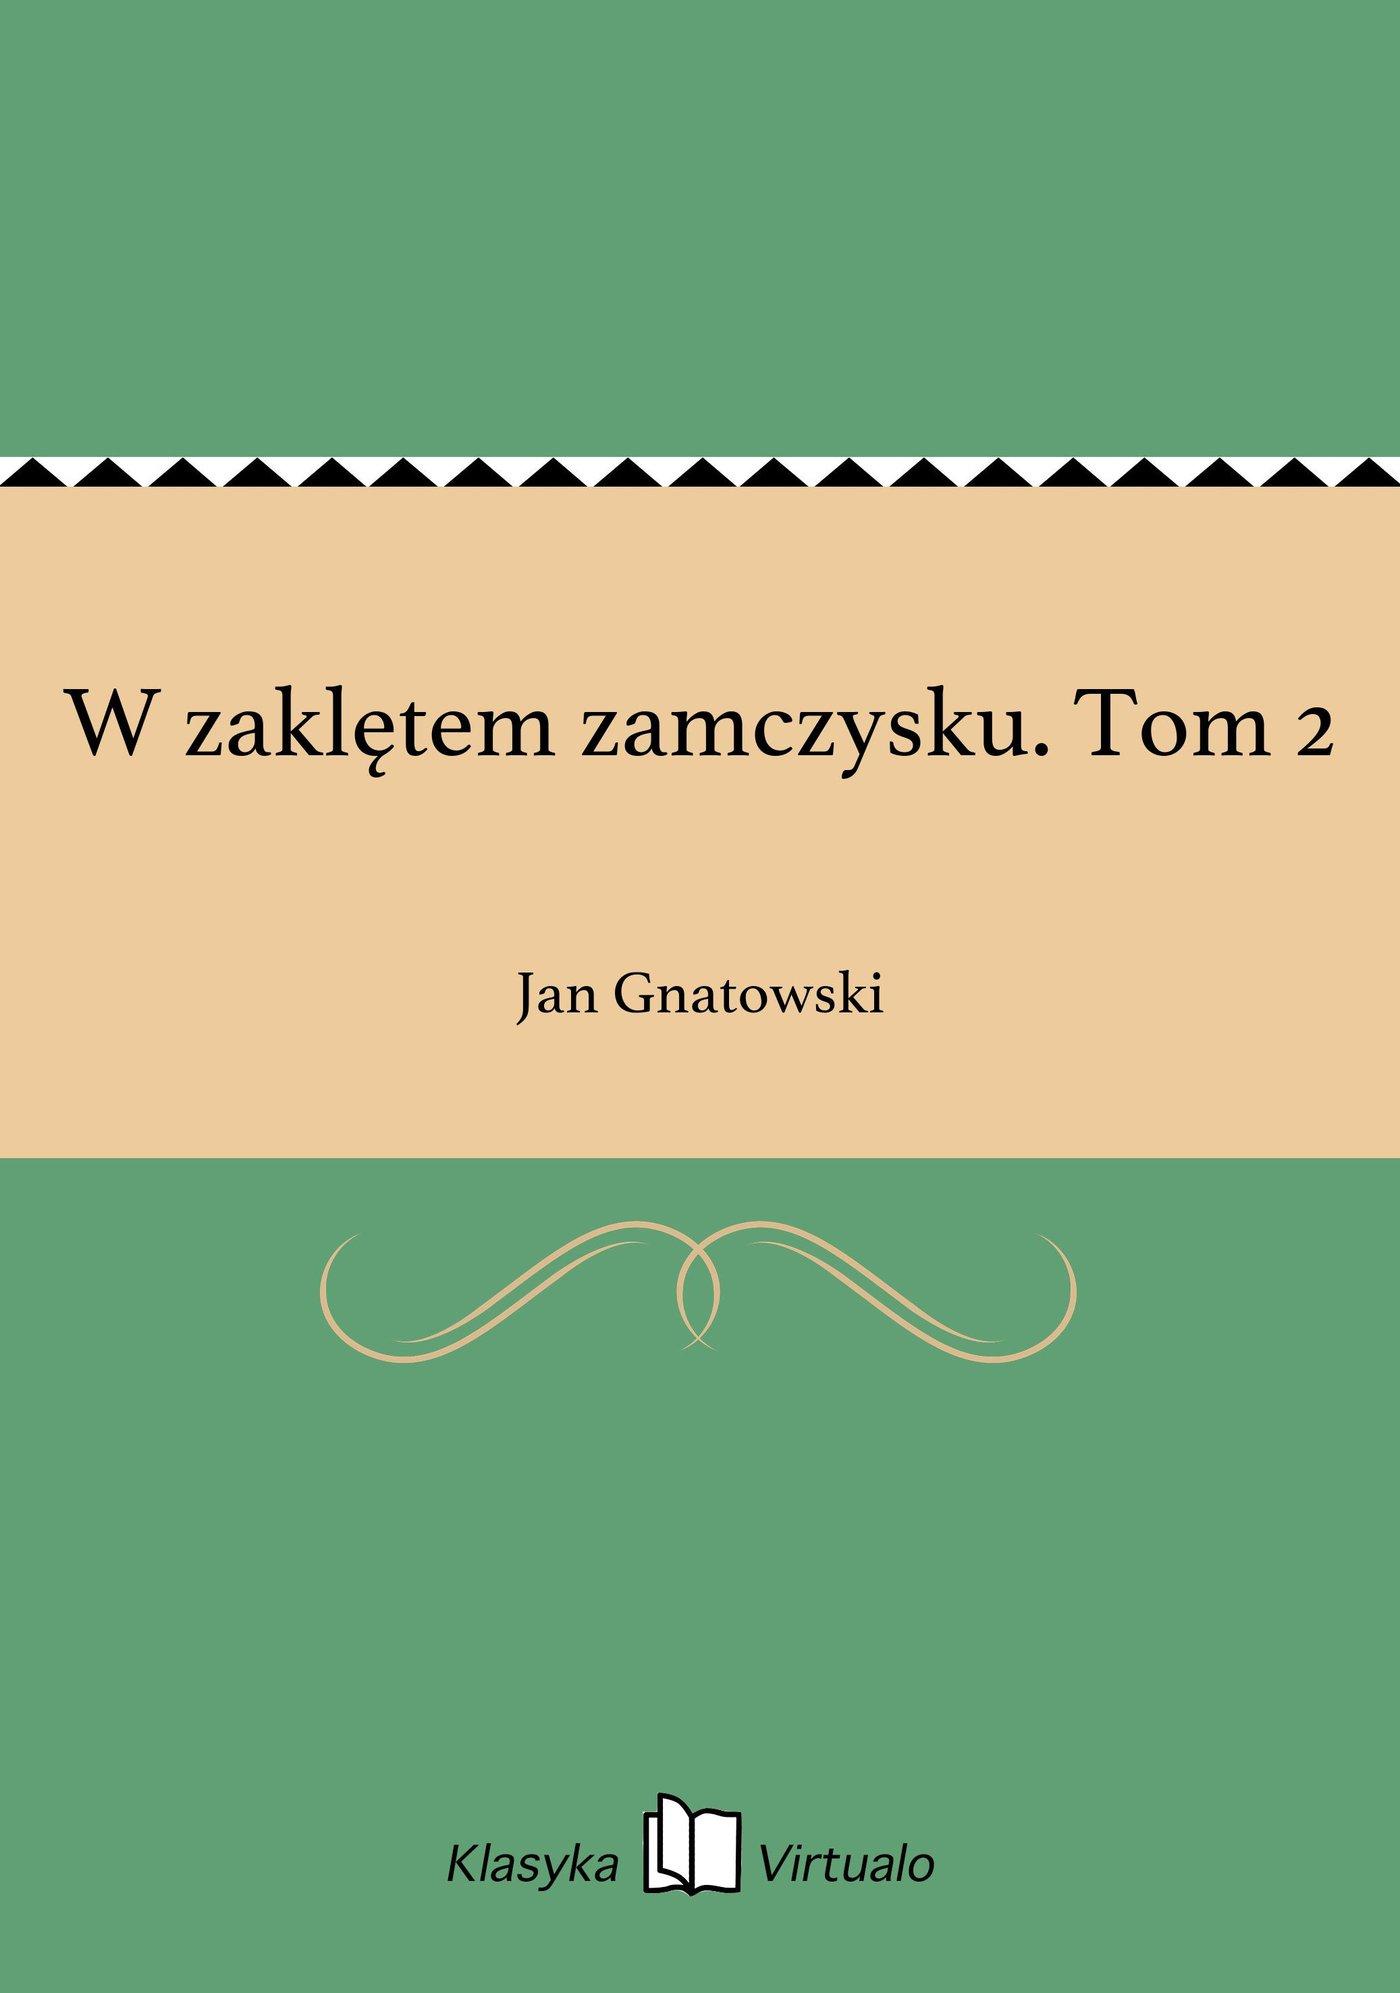 W zaklętem zamczysku. Tom 2 - Ebook (Książka EPUB) do pobrania w formacie EPUB